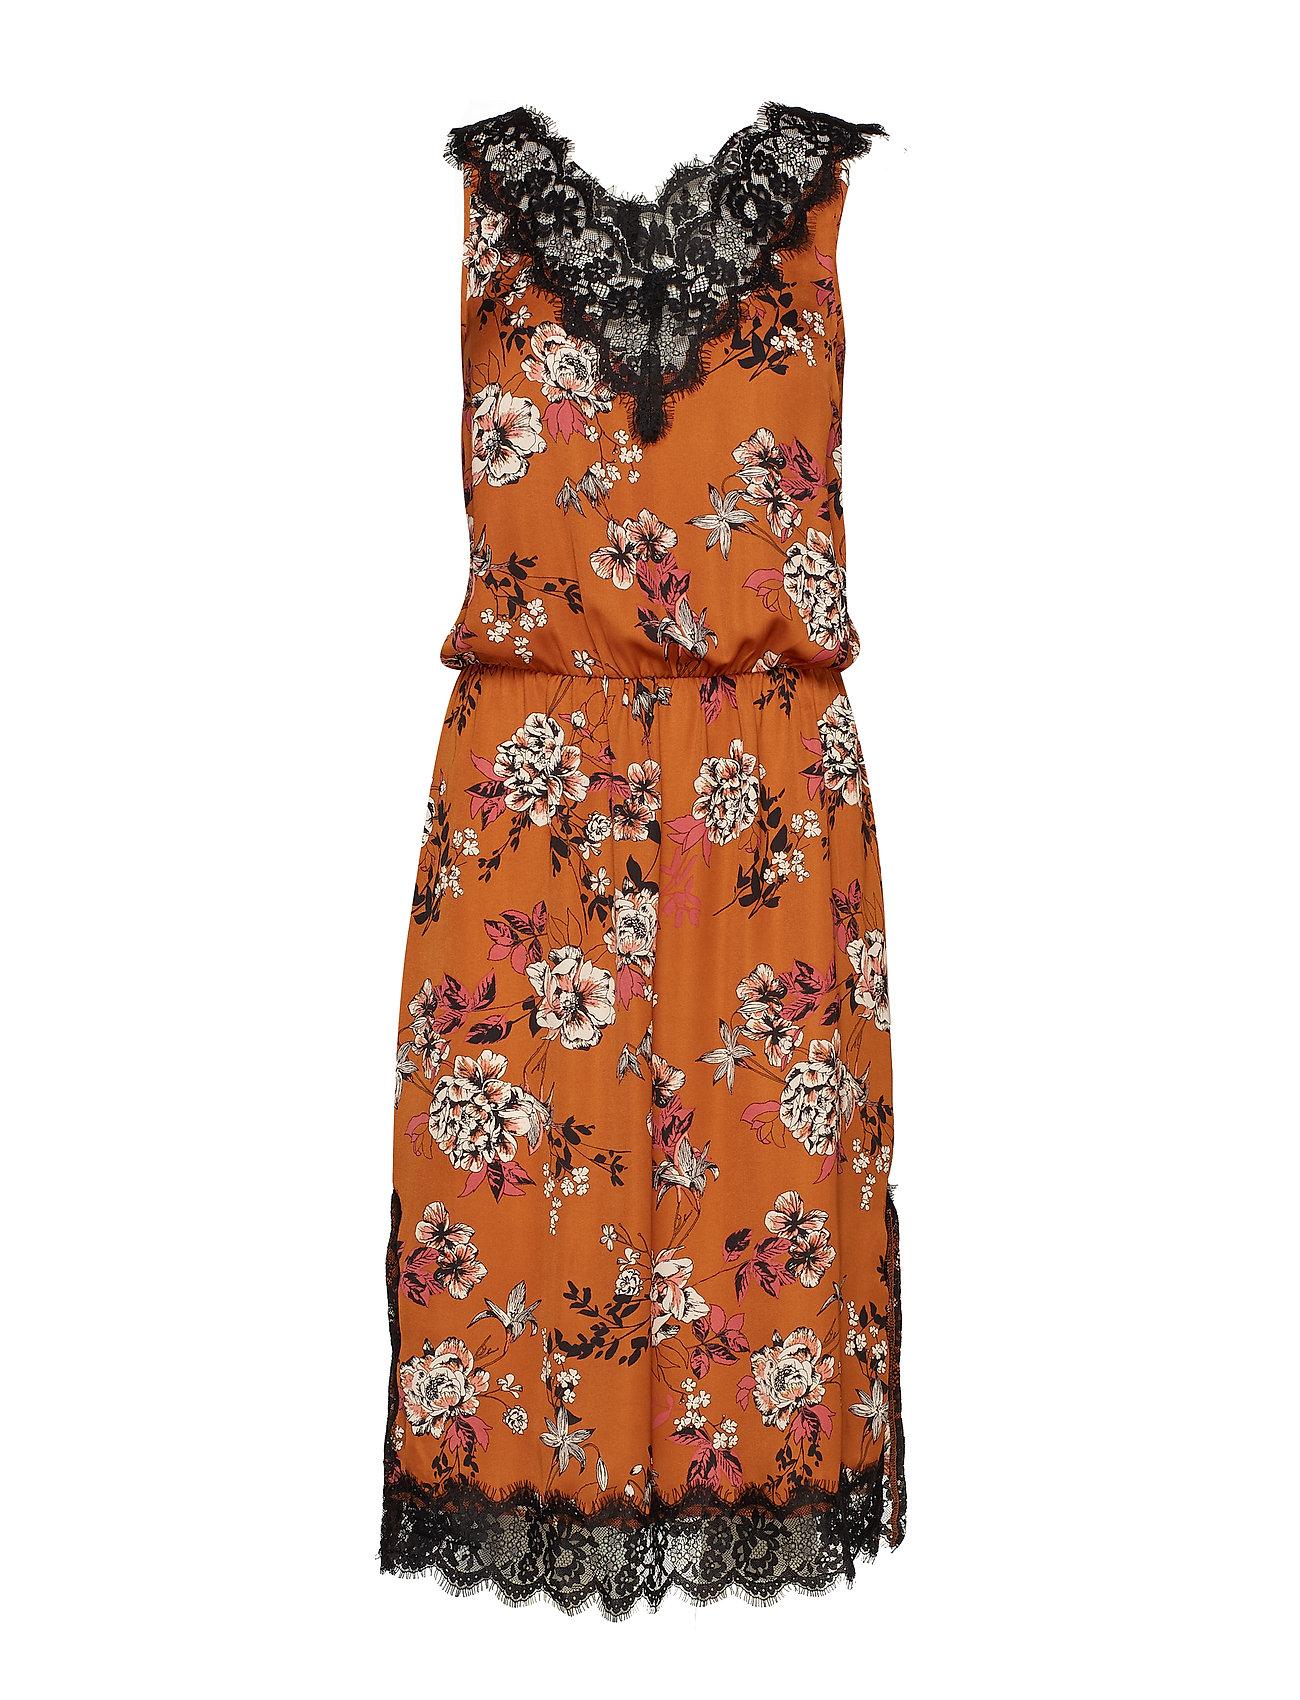 Rosemunde Dress - MOCHA BLOSSOM PRINT